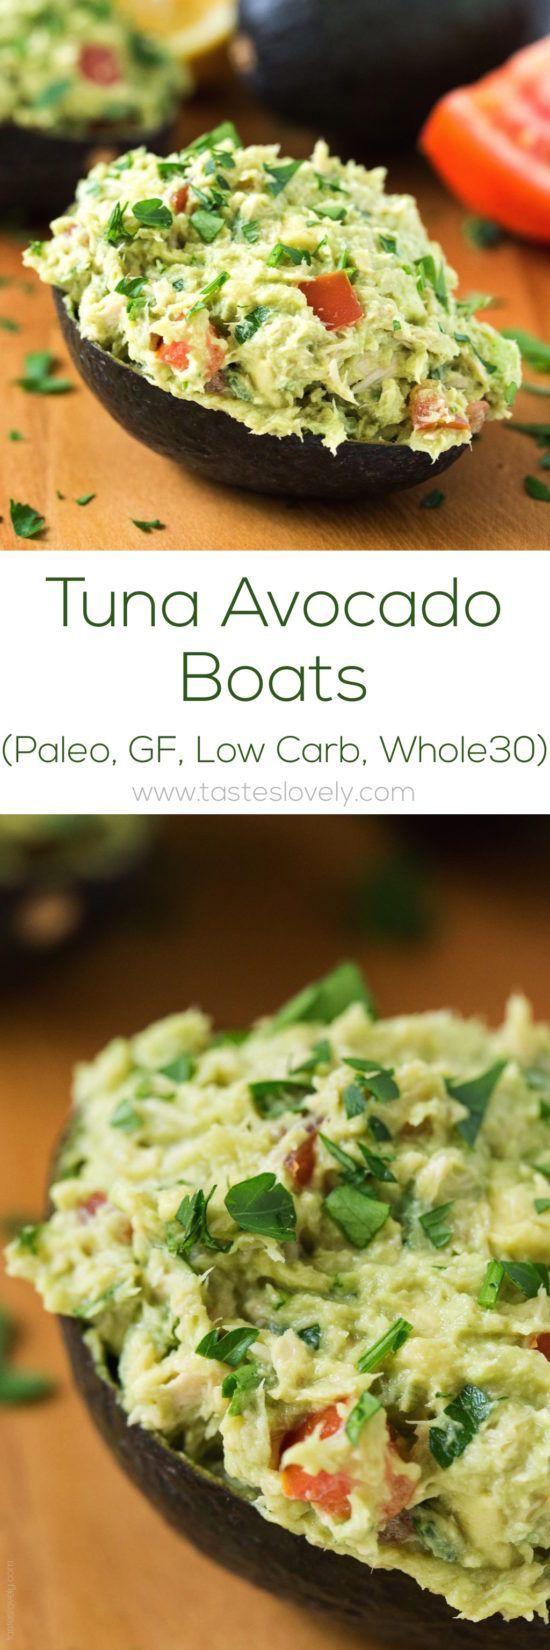 Paleo Tuna Avocado Boats – no mayo, just tuna and avocado! (gluten free, low carb, Whole30)